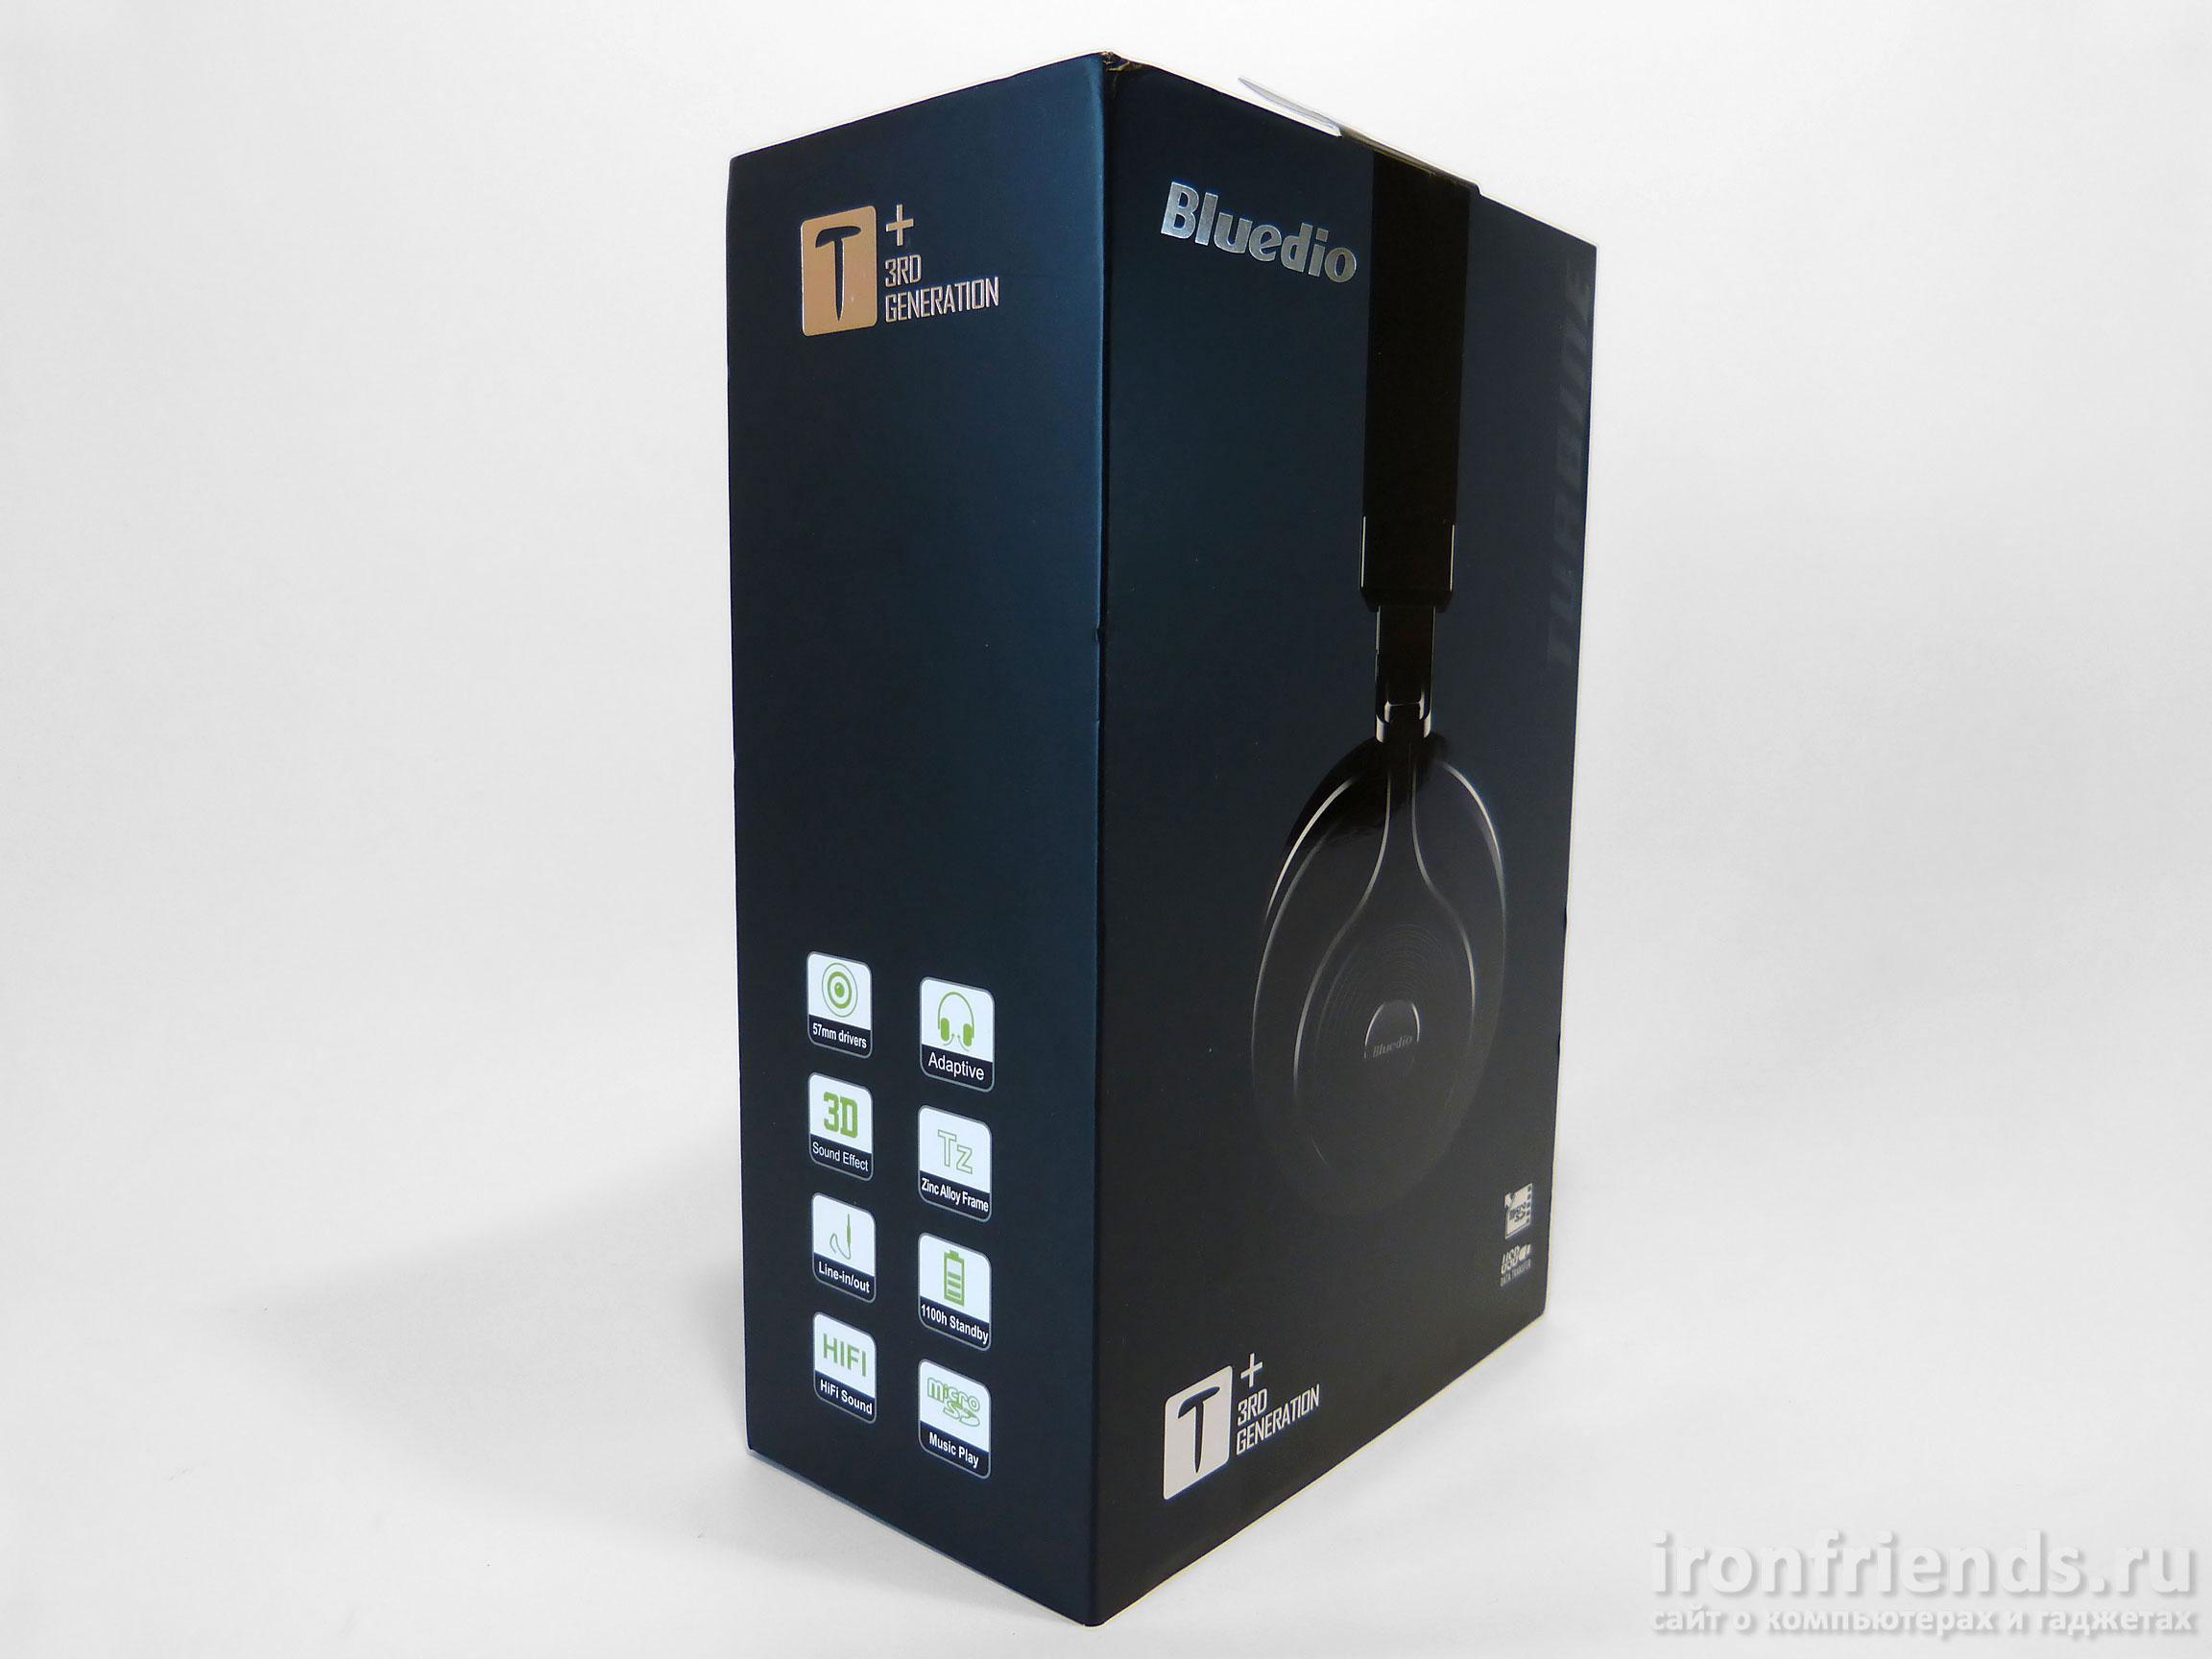 Упаковка Bluedio T3+